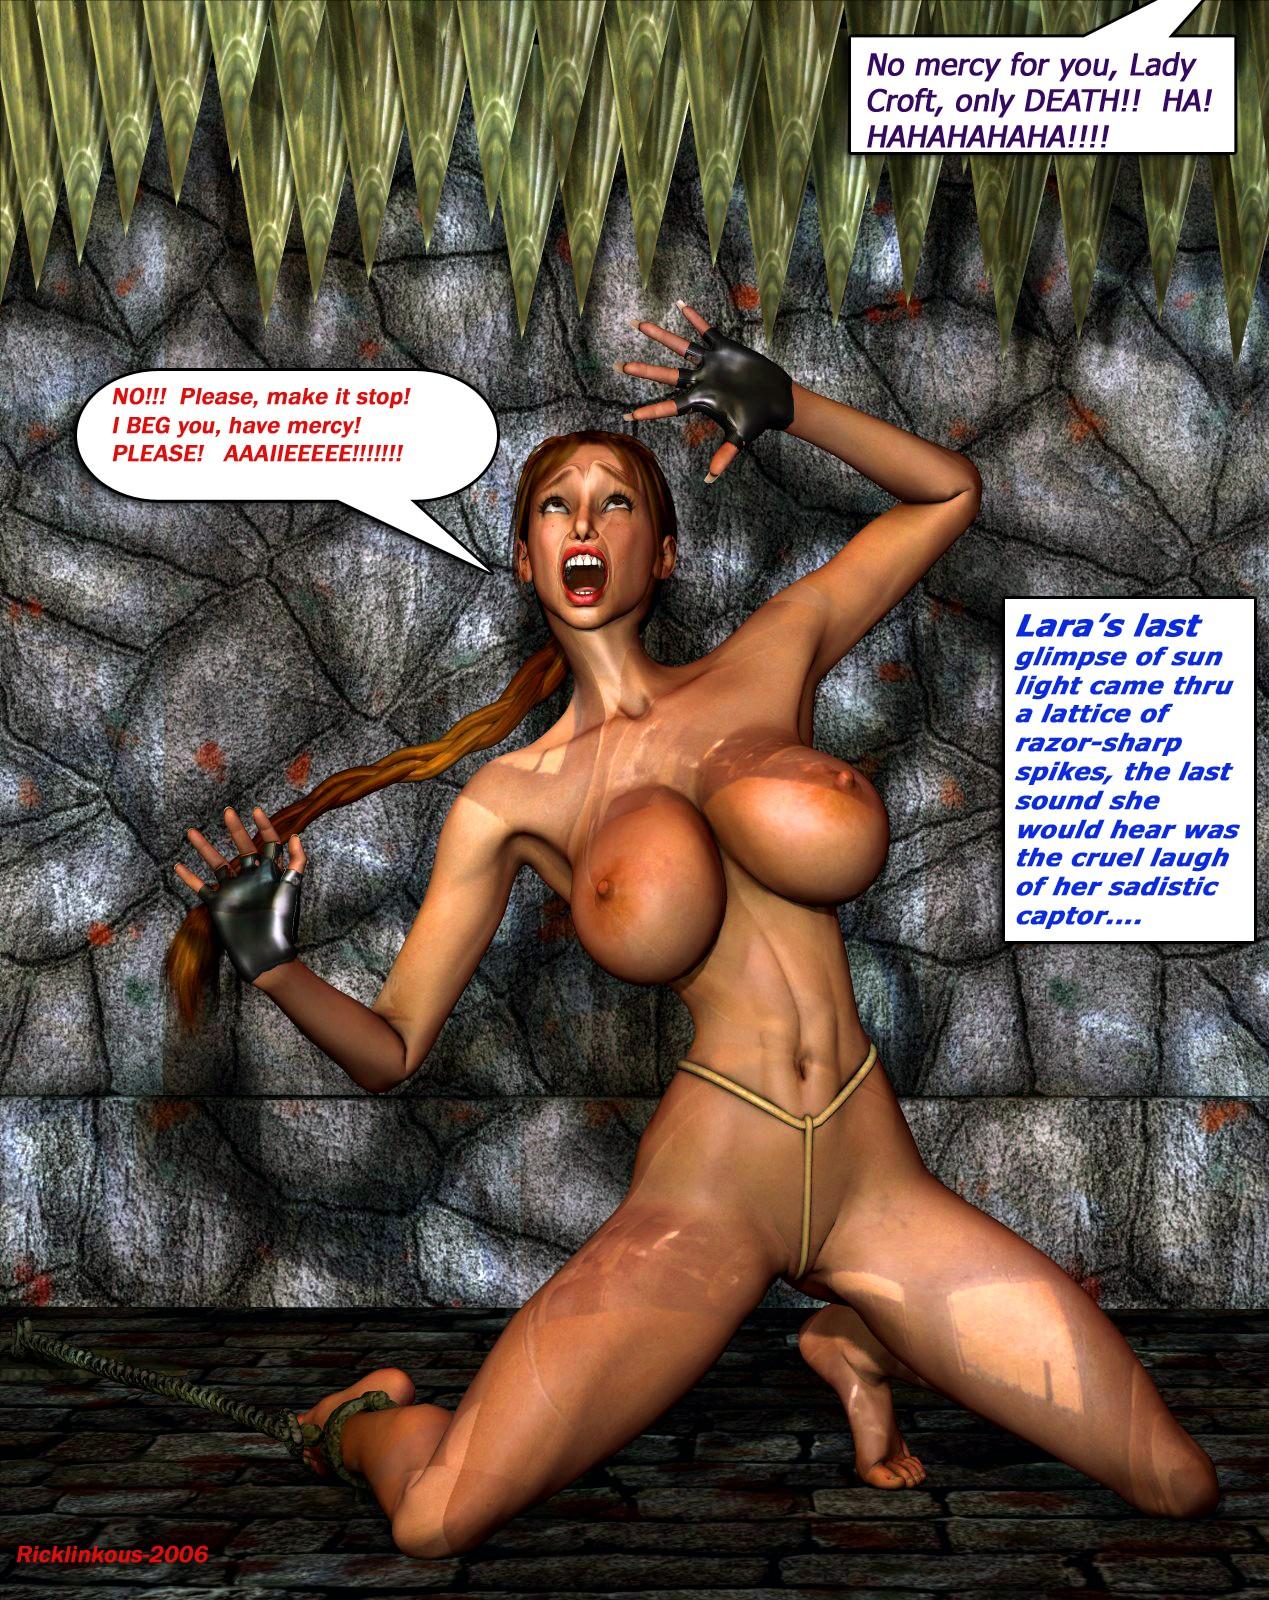 Tomb raider lara croft hentai image 3d erotica pic